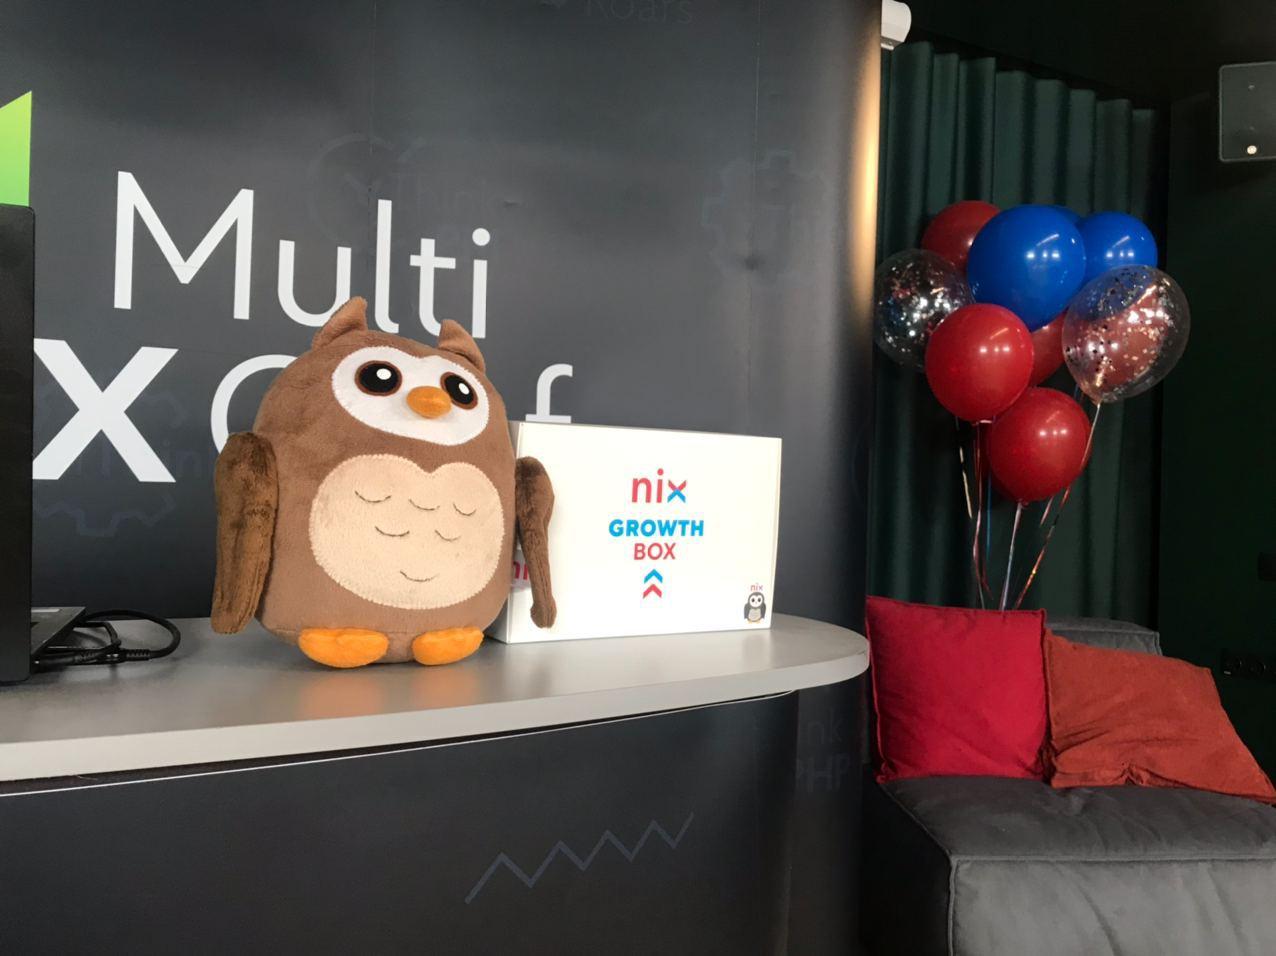 2020-10-30-12.13.39 Як NIXMultiConf стала найбільшою в Україні онлайн IT-конференцією і зібрала 17 тис глядачів із 13 країн